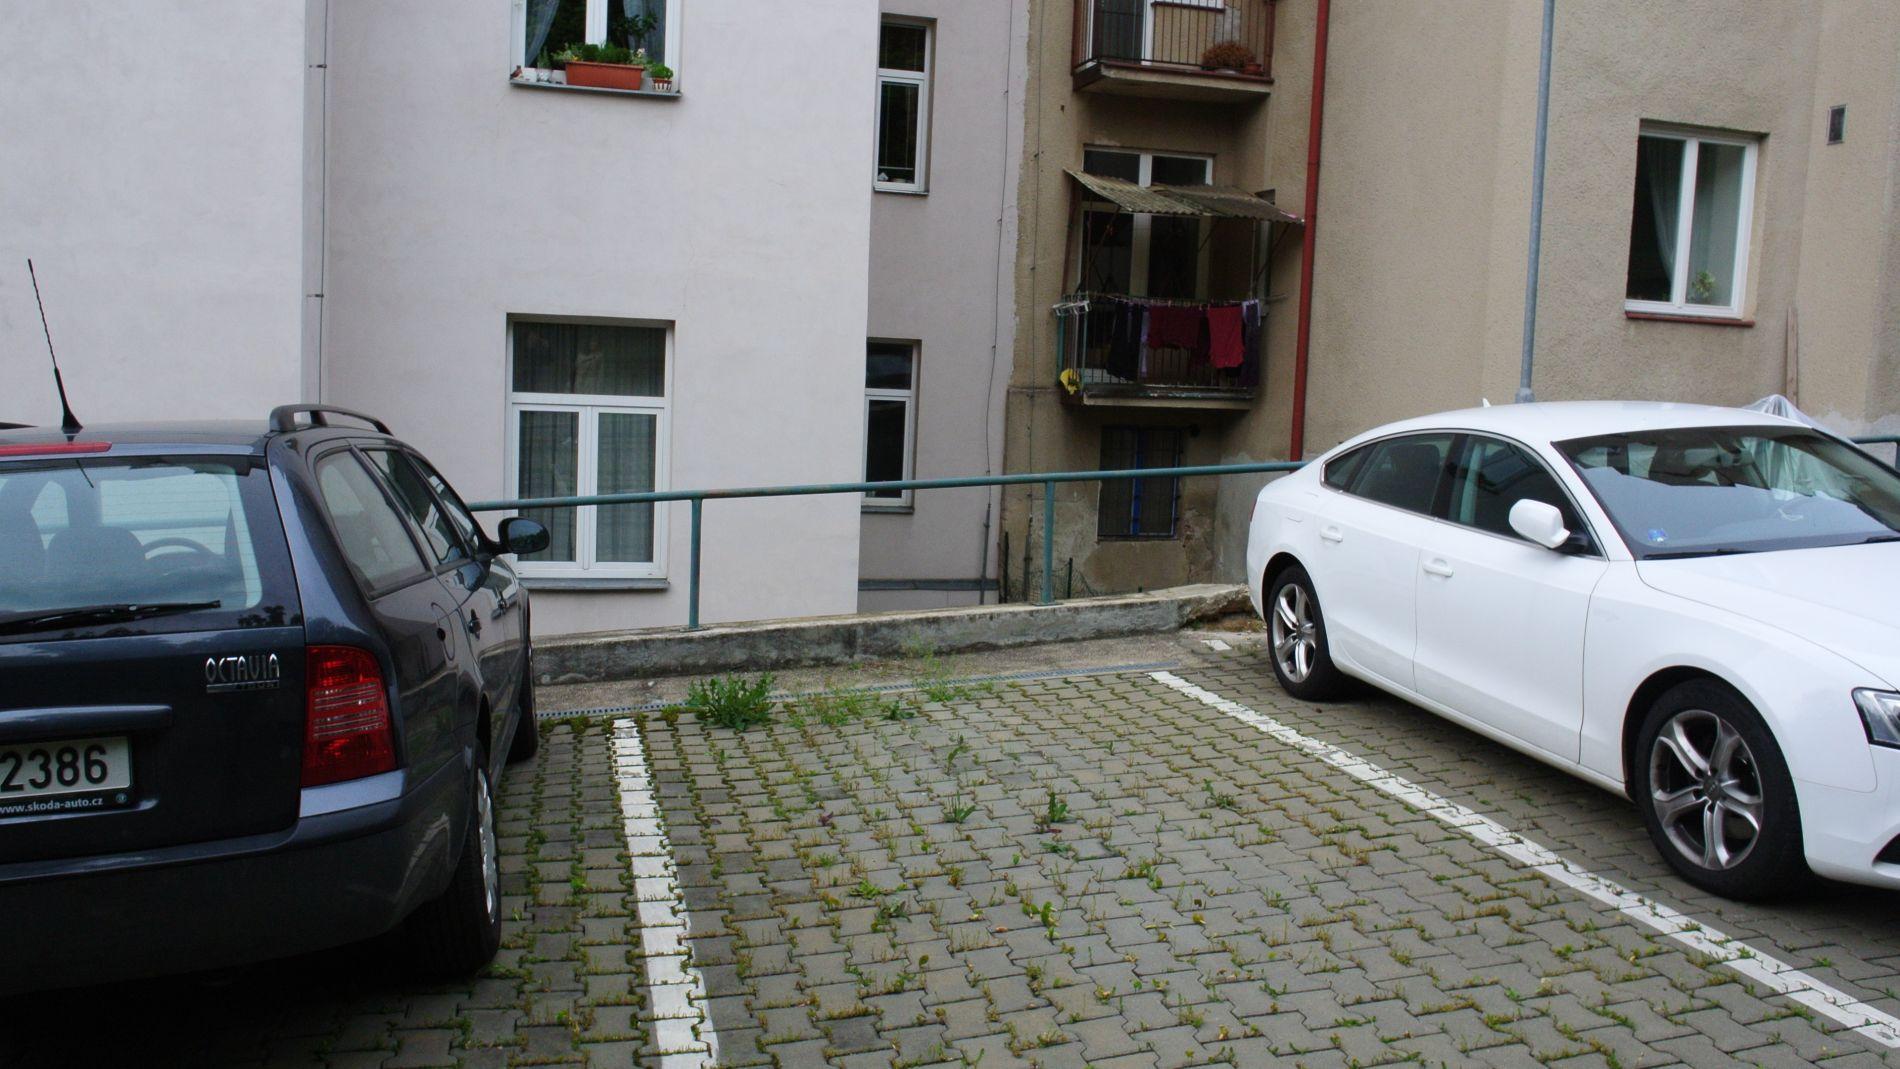 Pronájem parkovacího stání ve vnitrobloku k dlouhodobému pronájmu